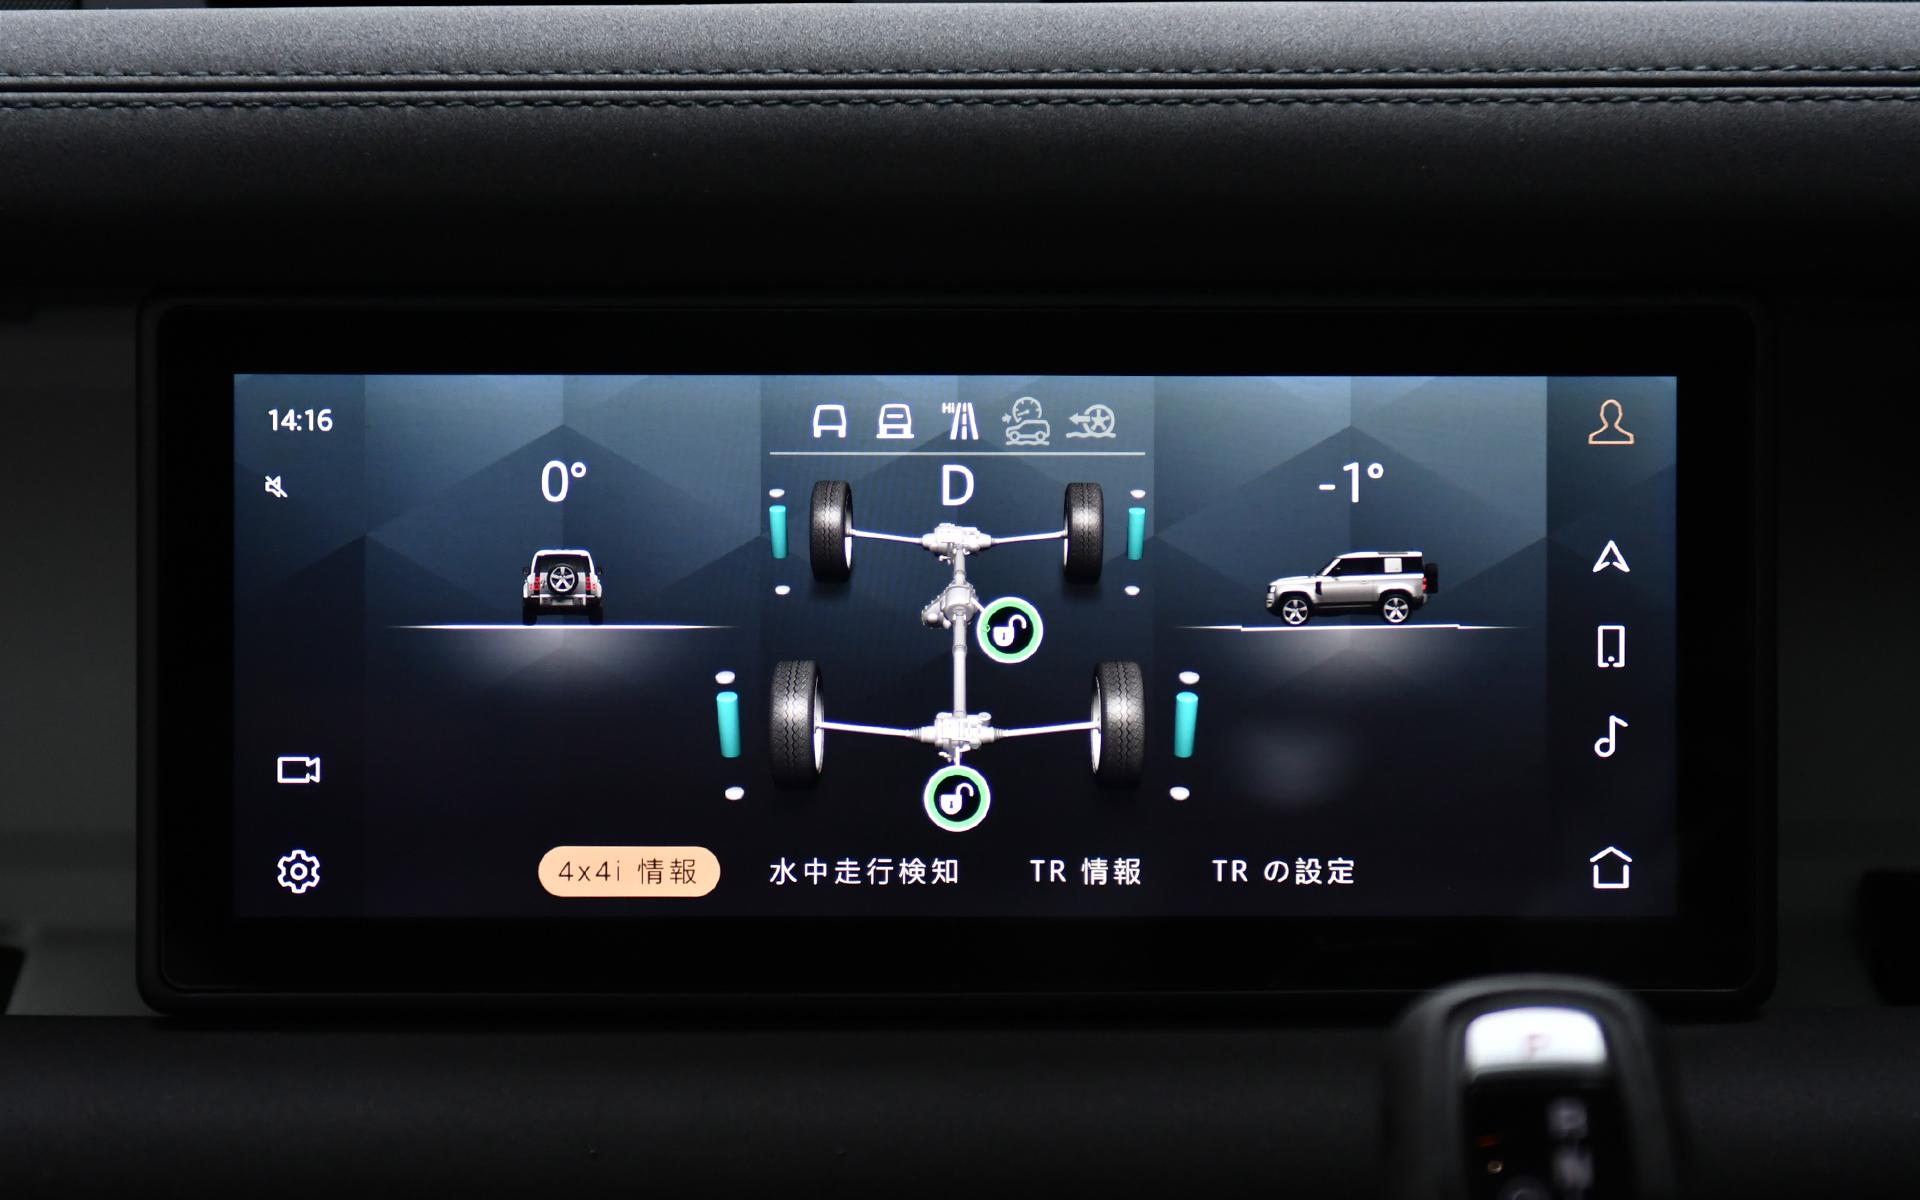 """10インチタッチスクリーンではデフのロック状態を確認できるほか、ボンネットを""""シースルー""""したように映像で確認できる「ClearSightグラウンドビュー」、360度周囲の安全確認をサポートする「3Dサラウンドカメラ」、水深をリアルタイムにグラフィカル表示する「ウェイドセンシング」といったシステムで安心・安全な走行をサポート"""